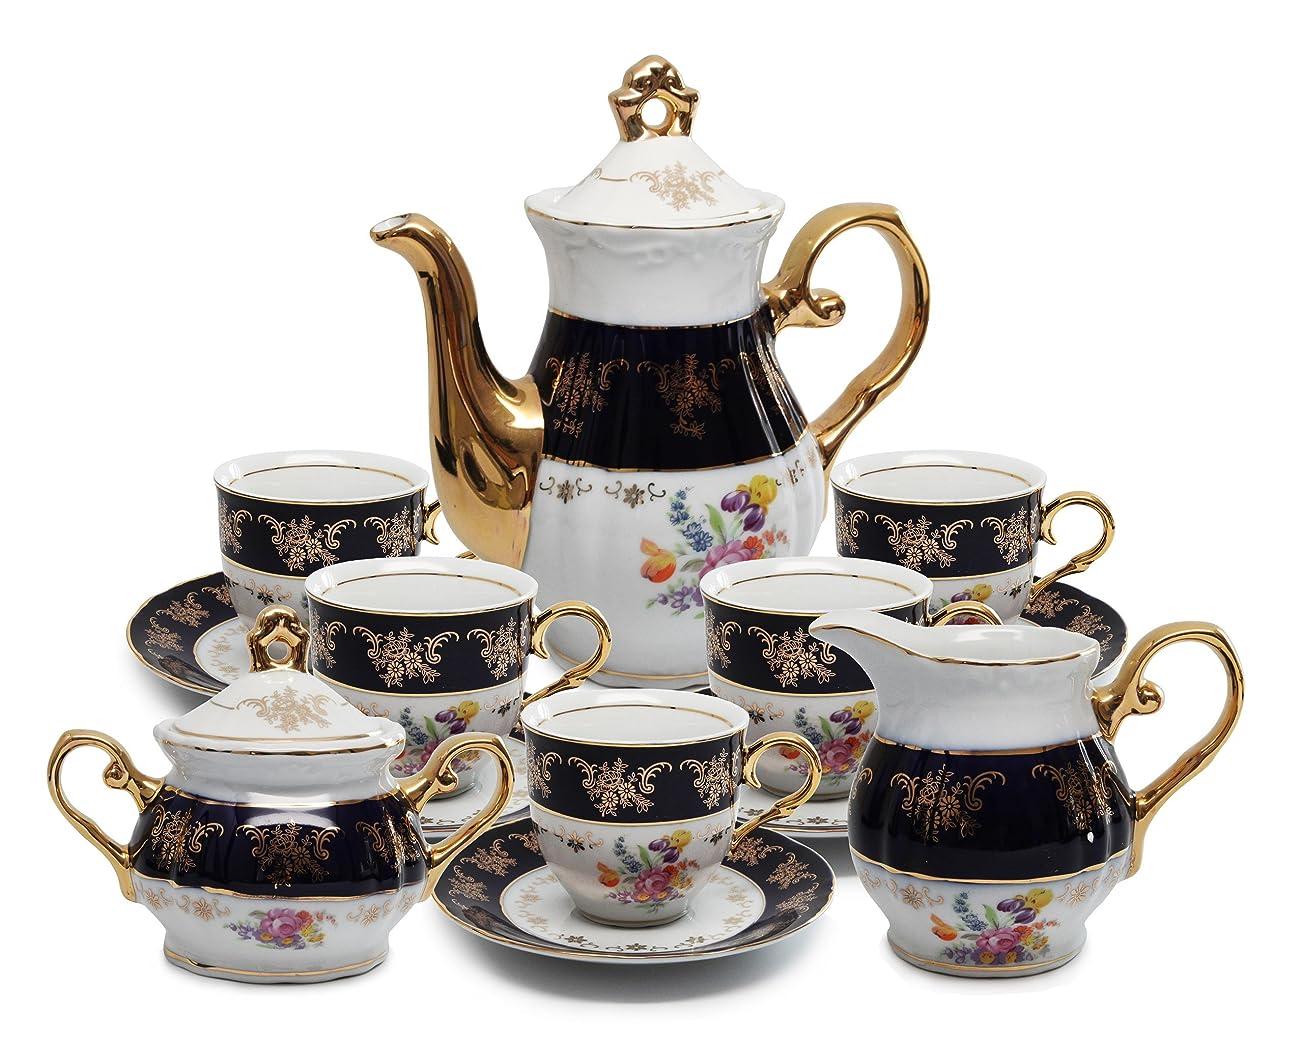 Royal Porcelain 17pc Flower-Patterned Dark Blue Tea Set, 24K Gold-Plated Original Cobalt Tableware, Service for 6 0